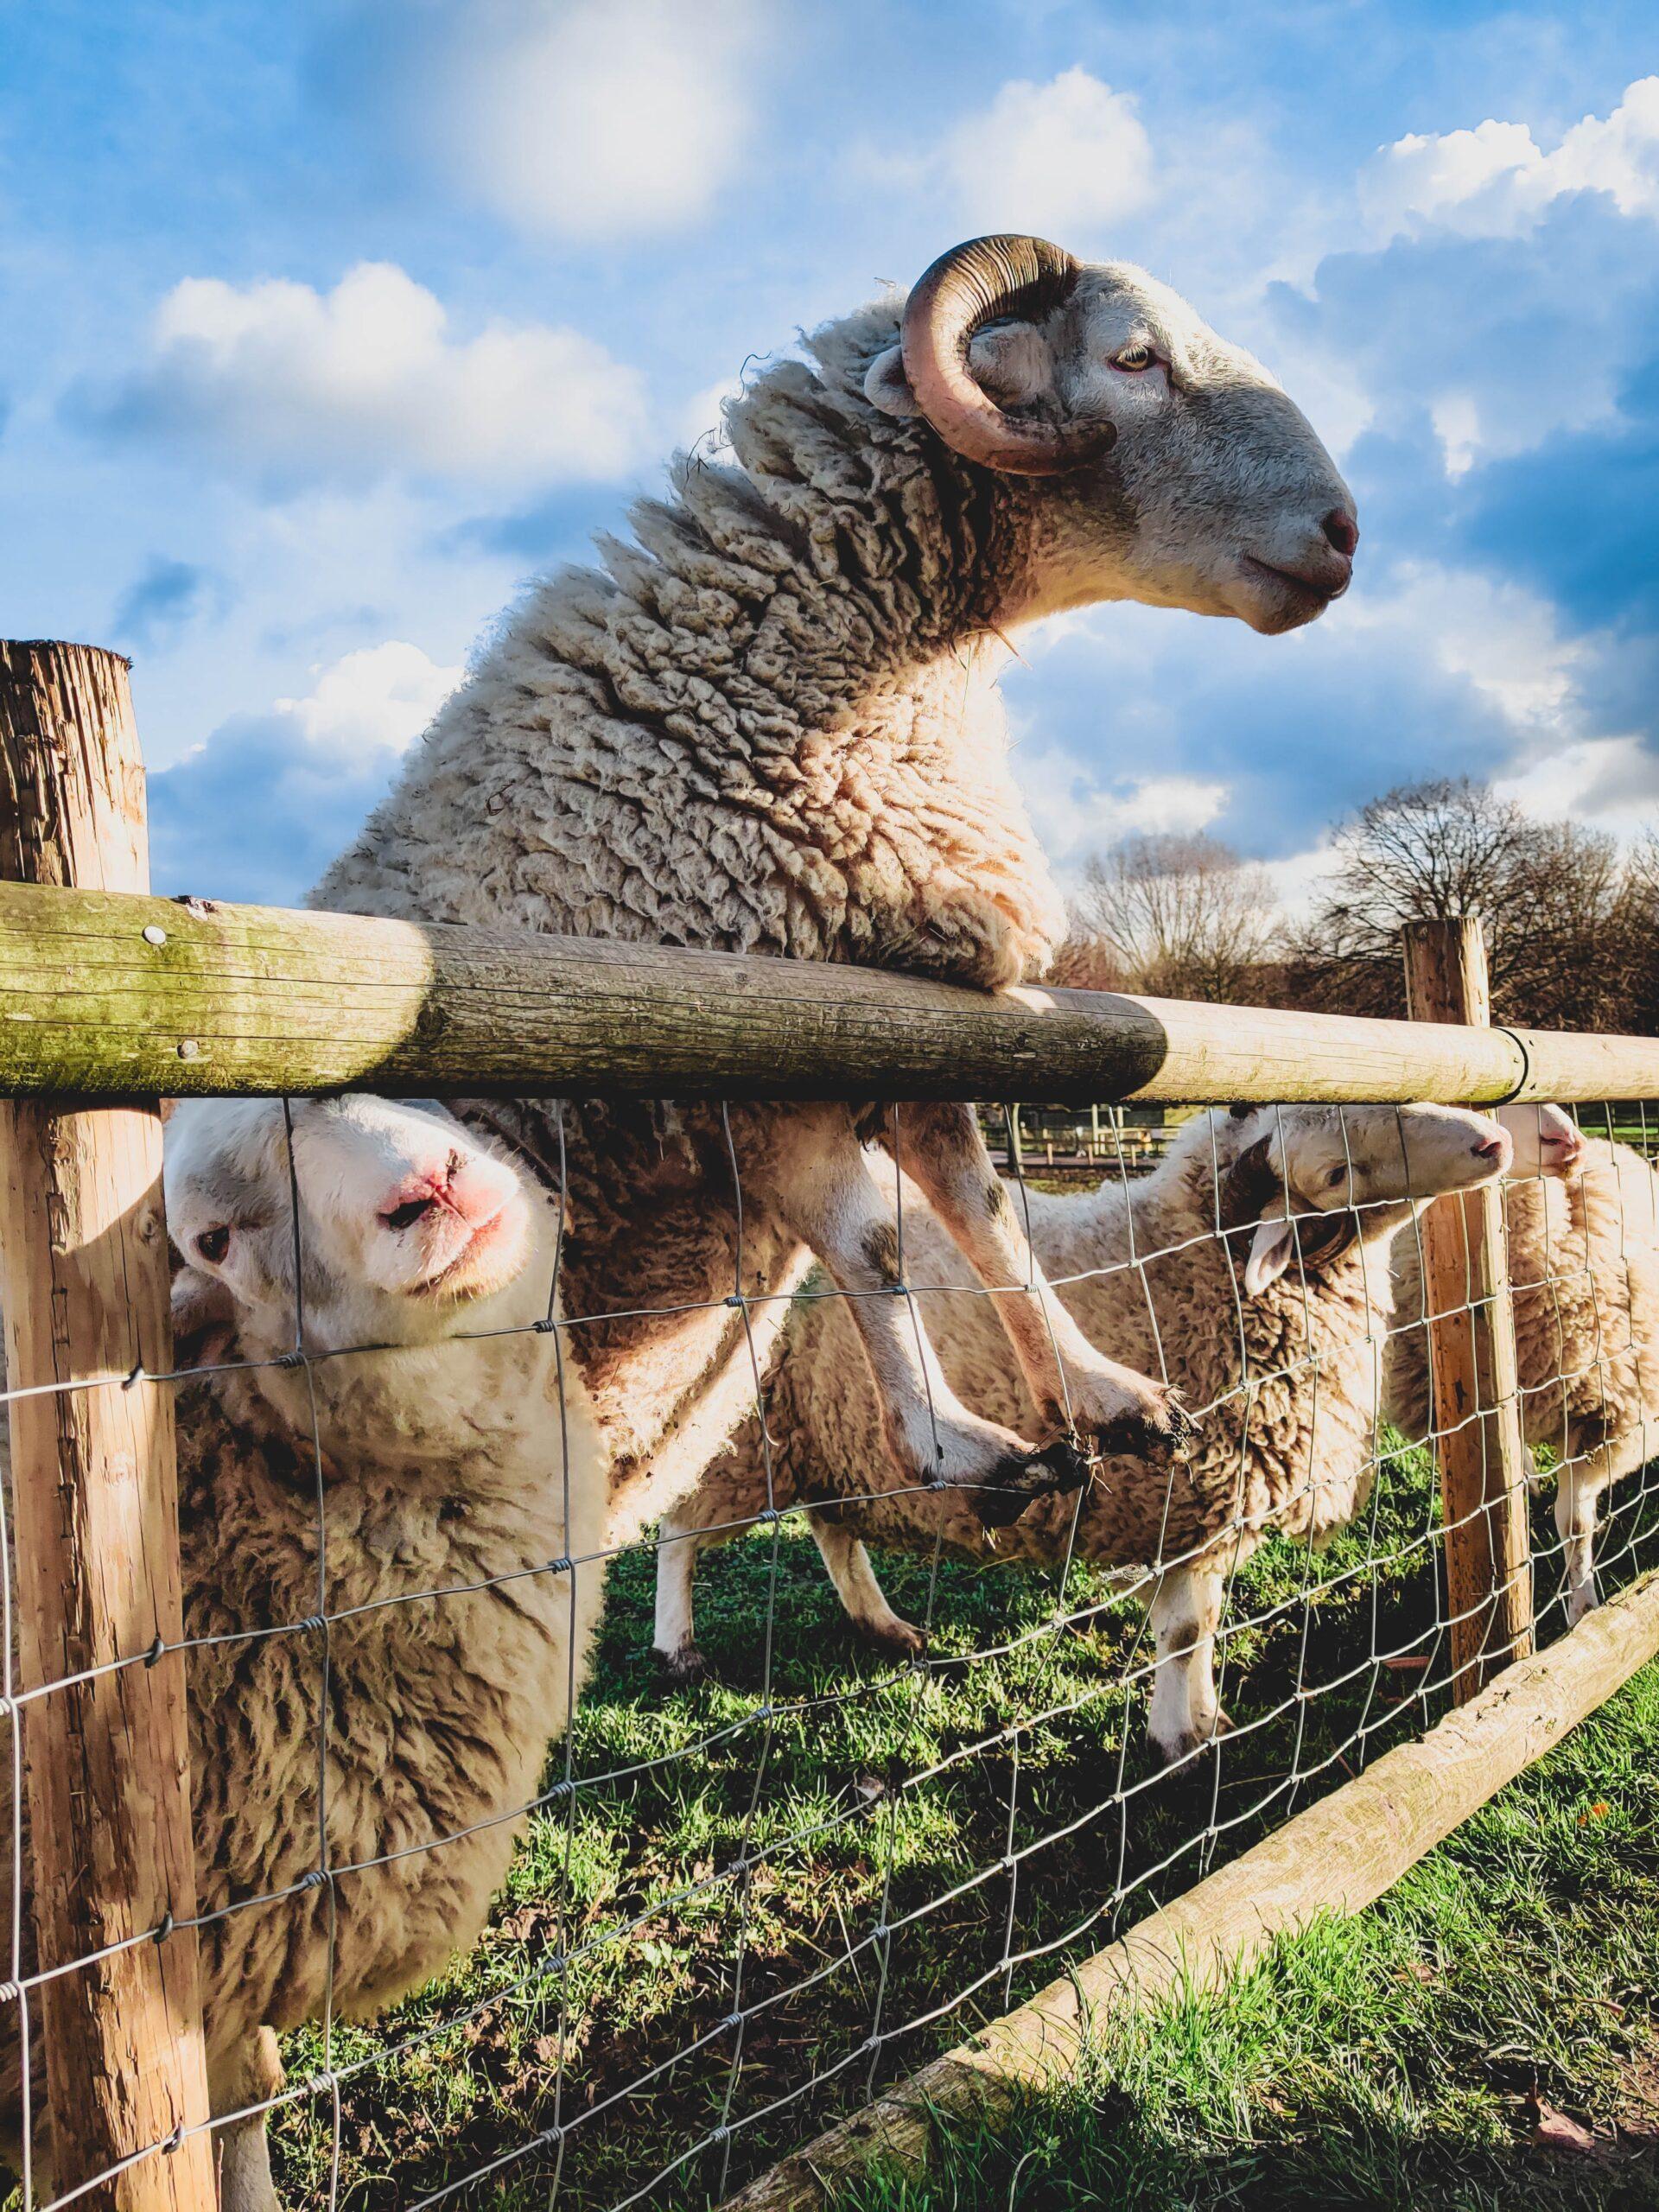 migle-siauciulyte- Image of Sheep at Fence on Unsplash